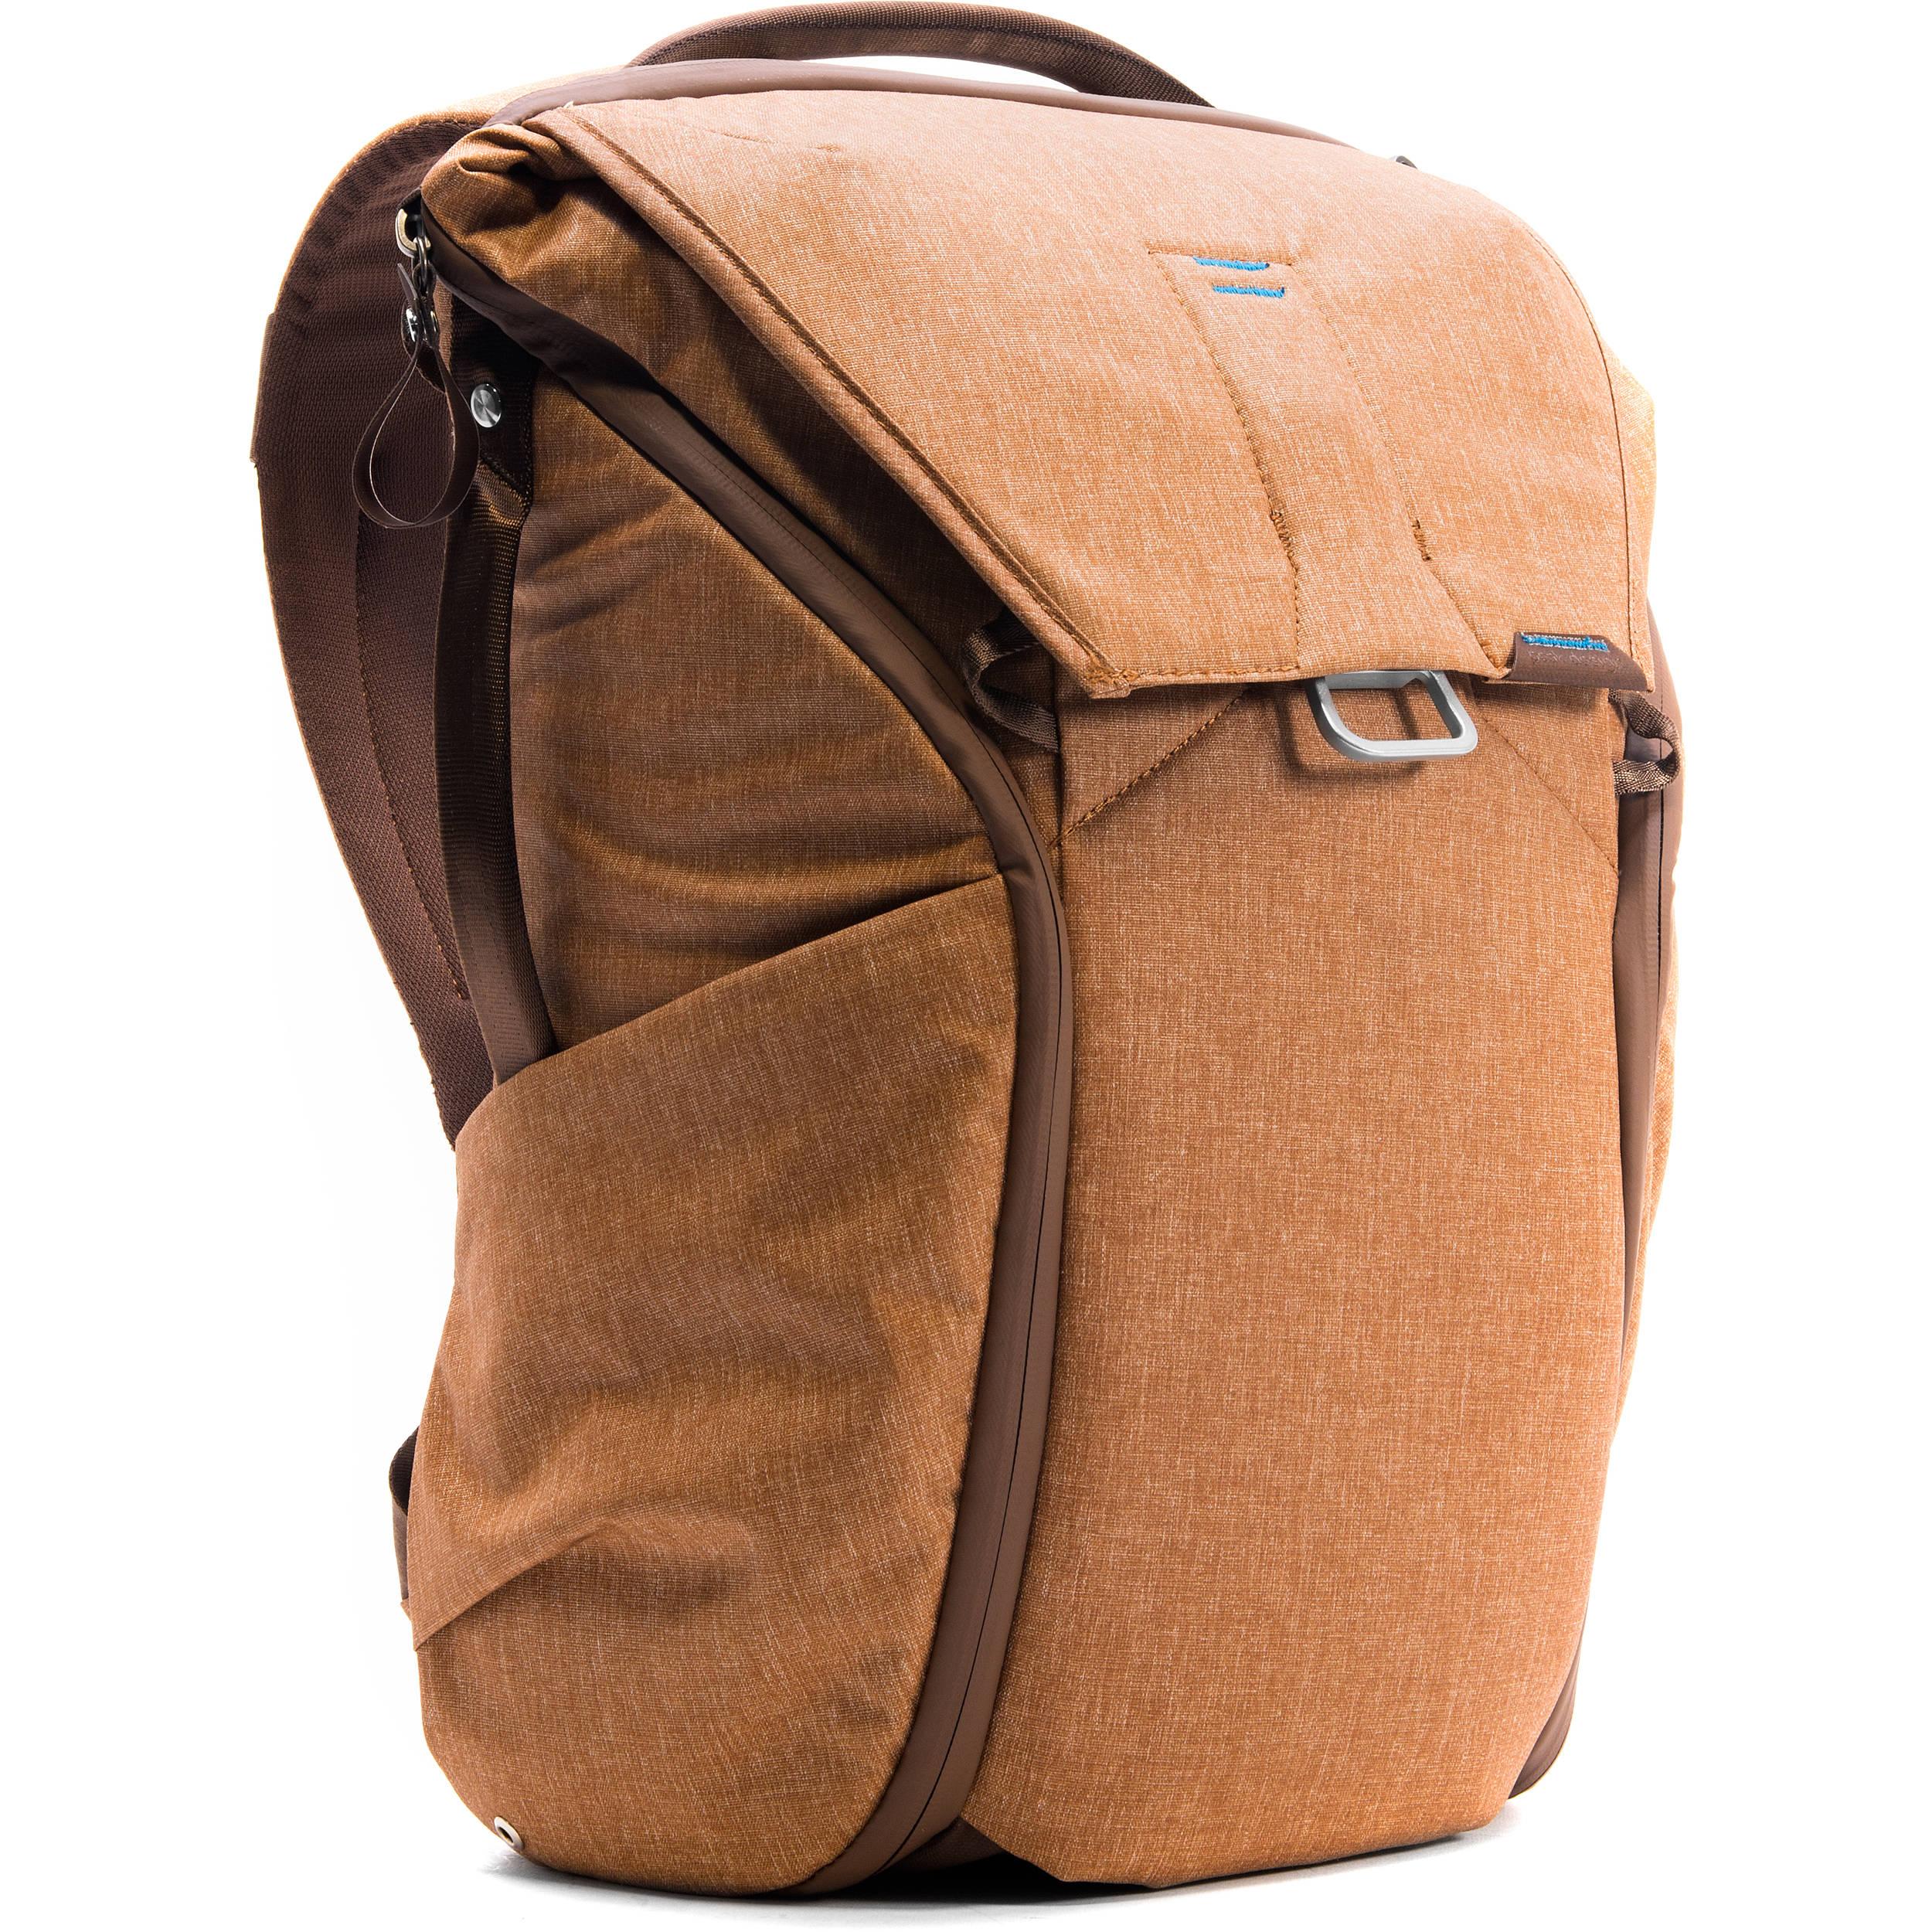 fb56114edc Accessories    Bags    Peak Design    Peak Design Everyday Backpack (20L